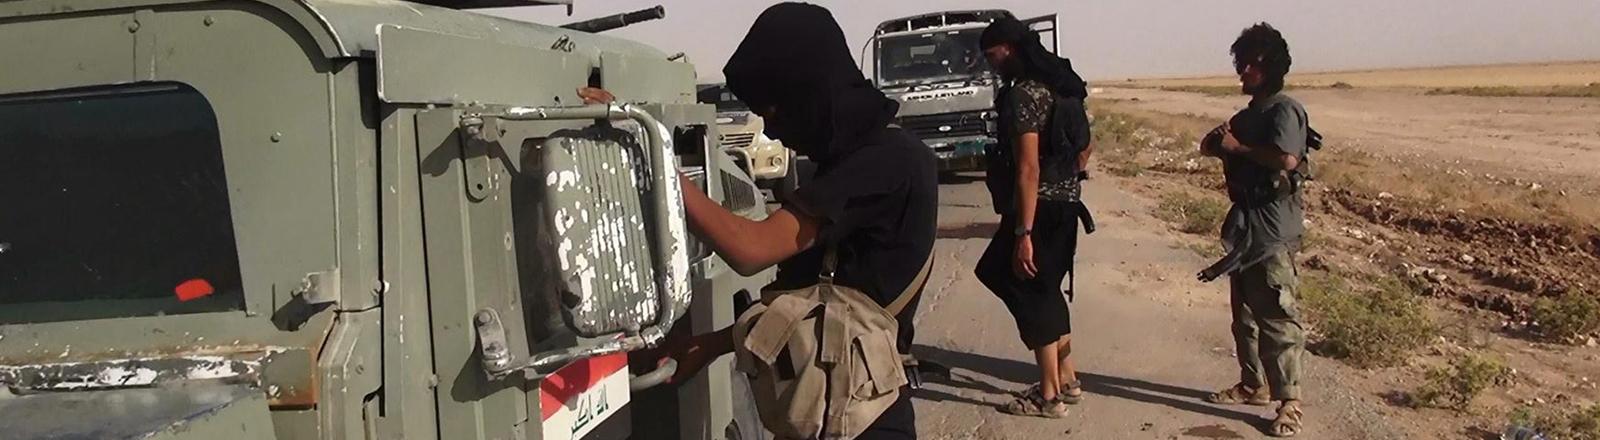 Das Foto zeigt angeblich ISIS-Kämpfer zwischen Syrien und Irak, im Juni 2014. Echtheit nicht eindeutig geprüft.